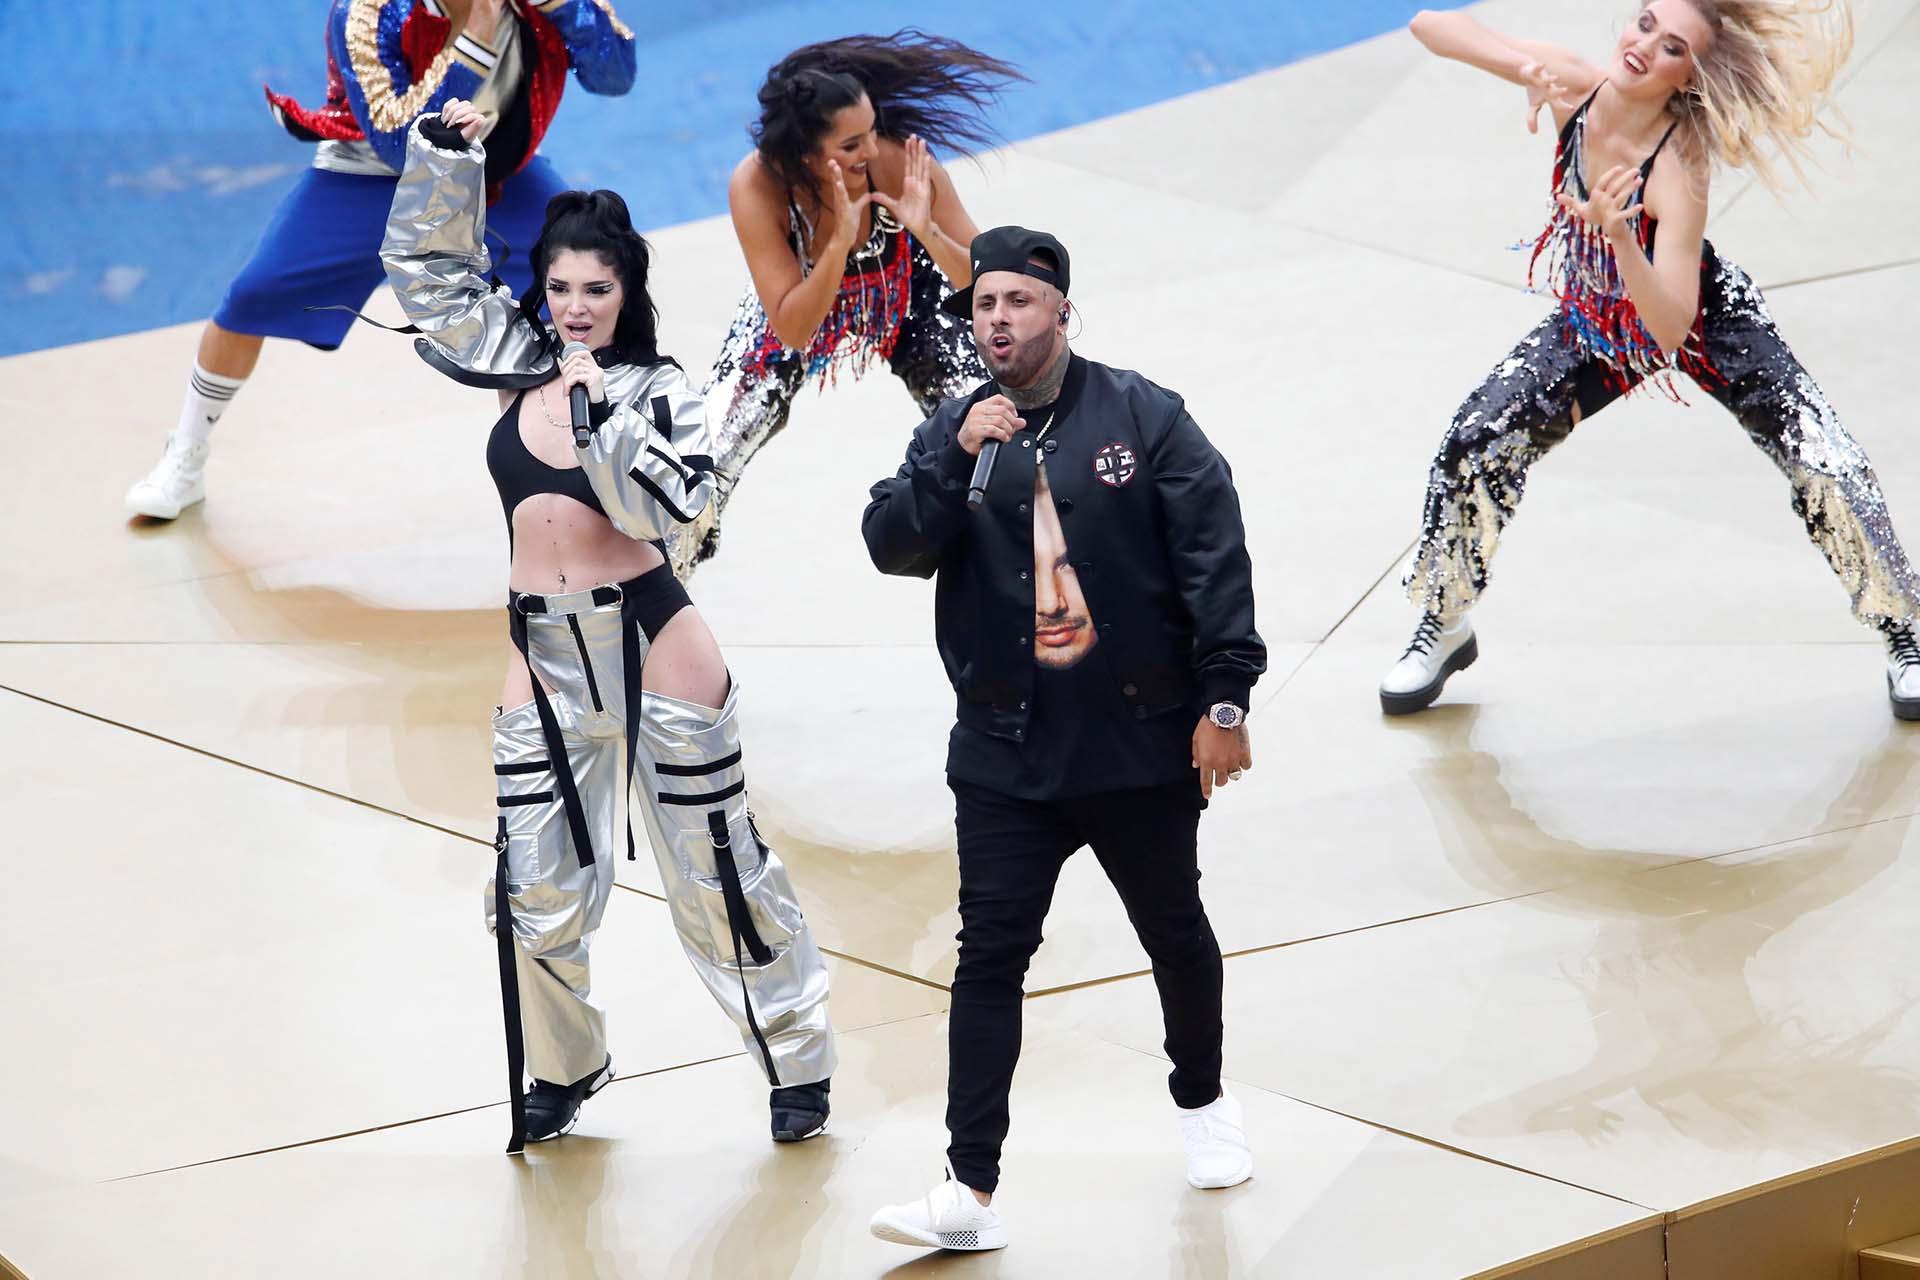 El Mundial de Rusia llega a su fin y los organizadores prepararon una fiesta previa al duelo entre las dos mejores selecciones del certamen: Francia y Croacia